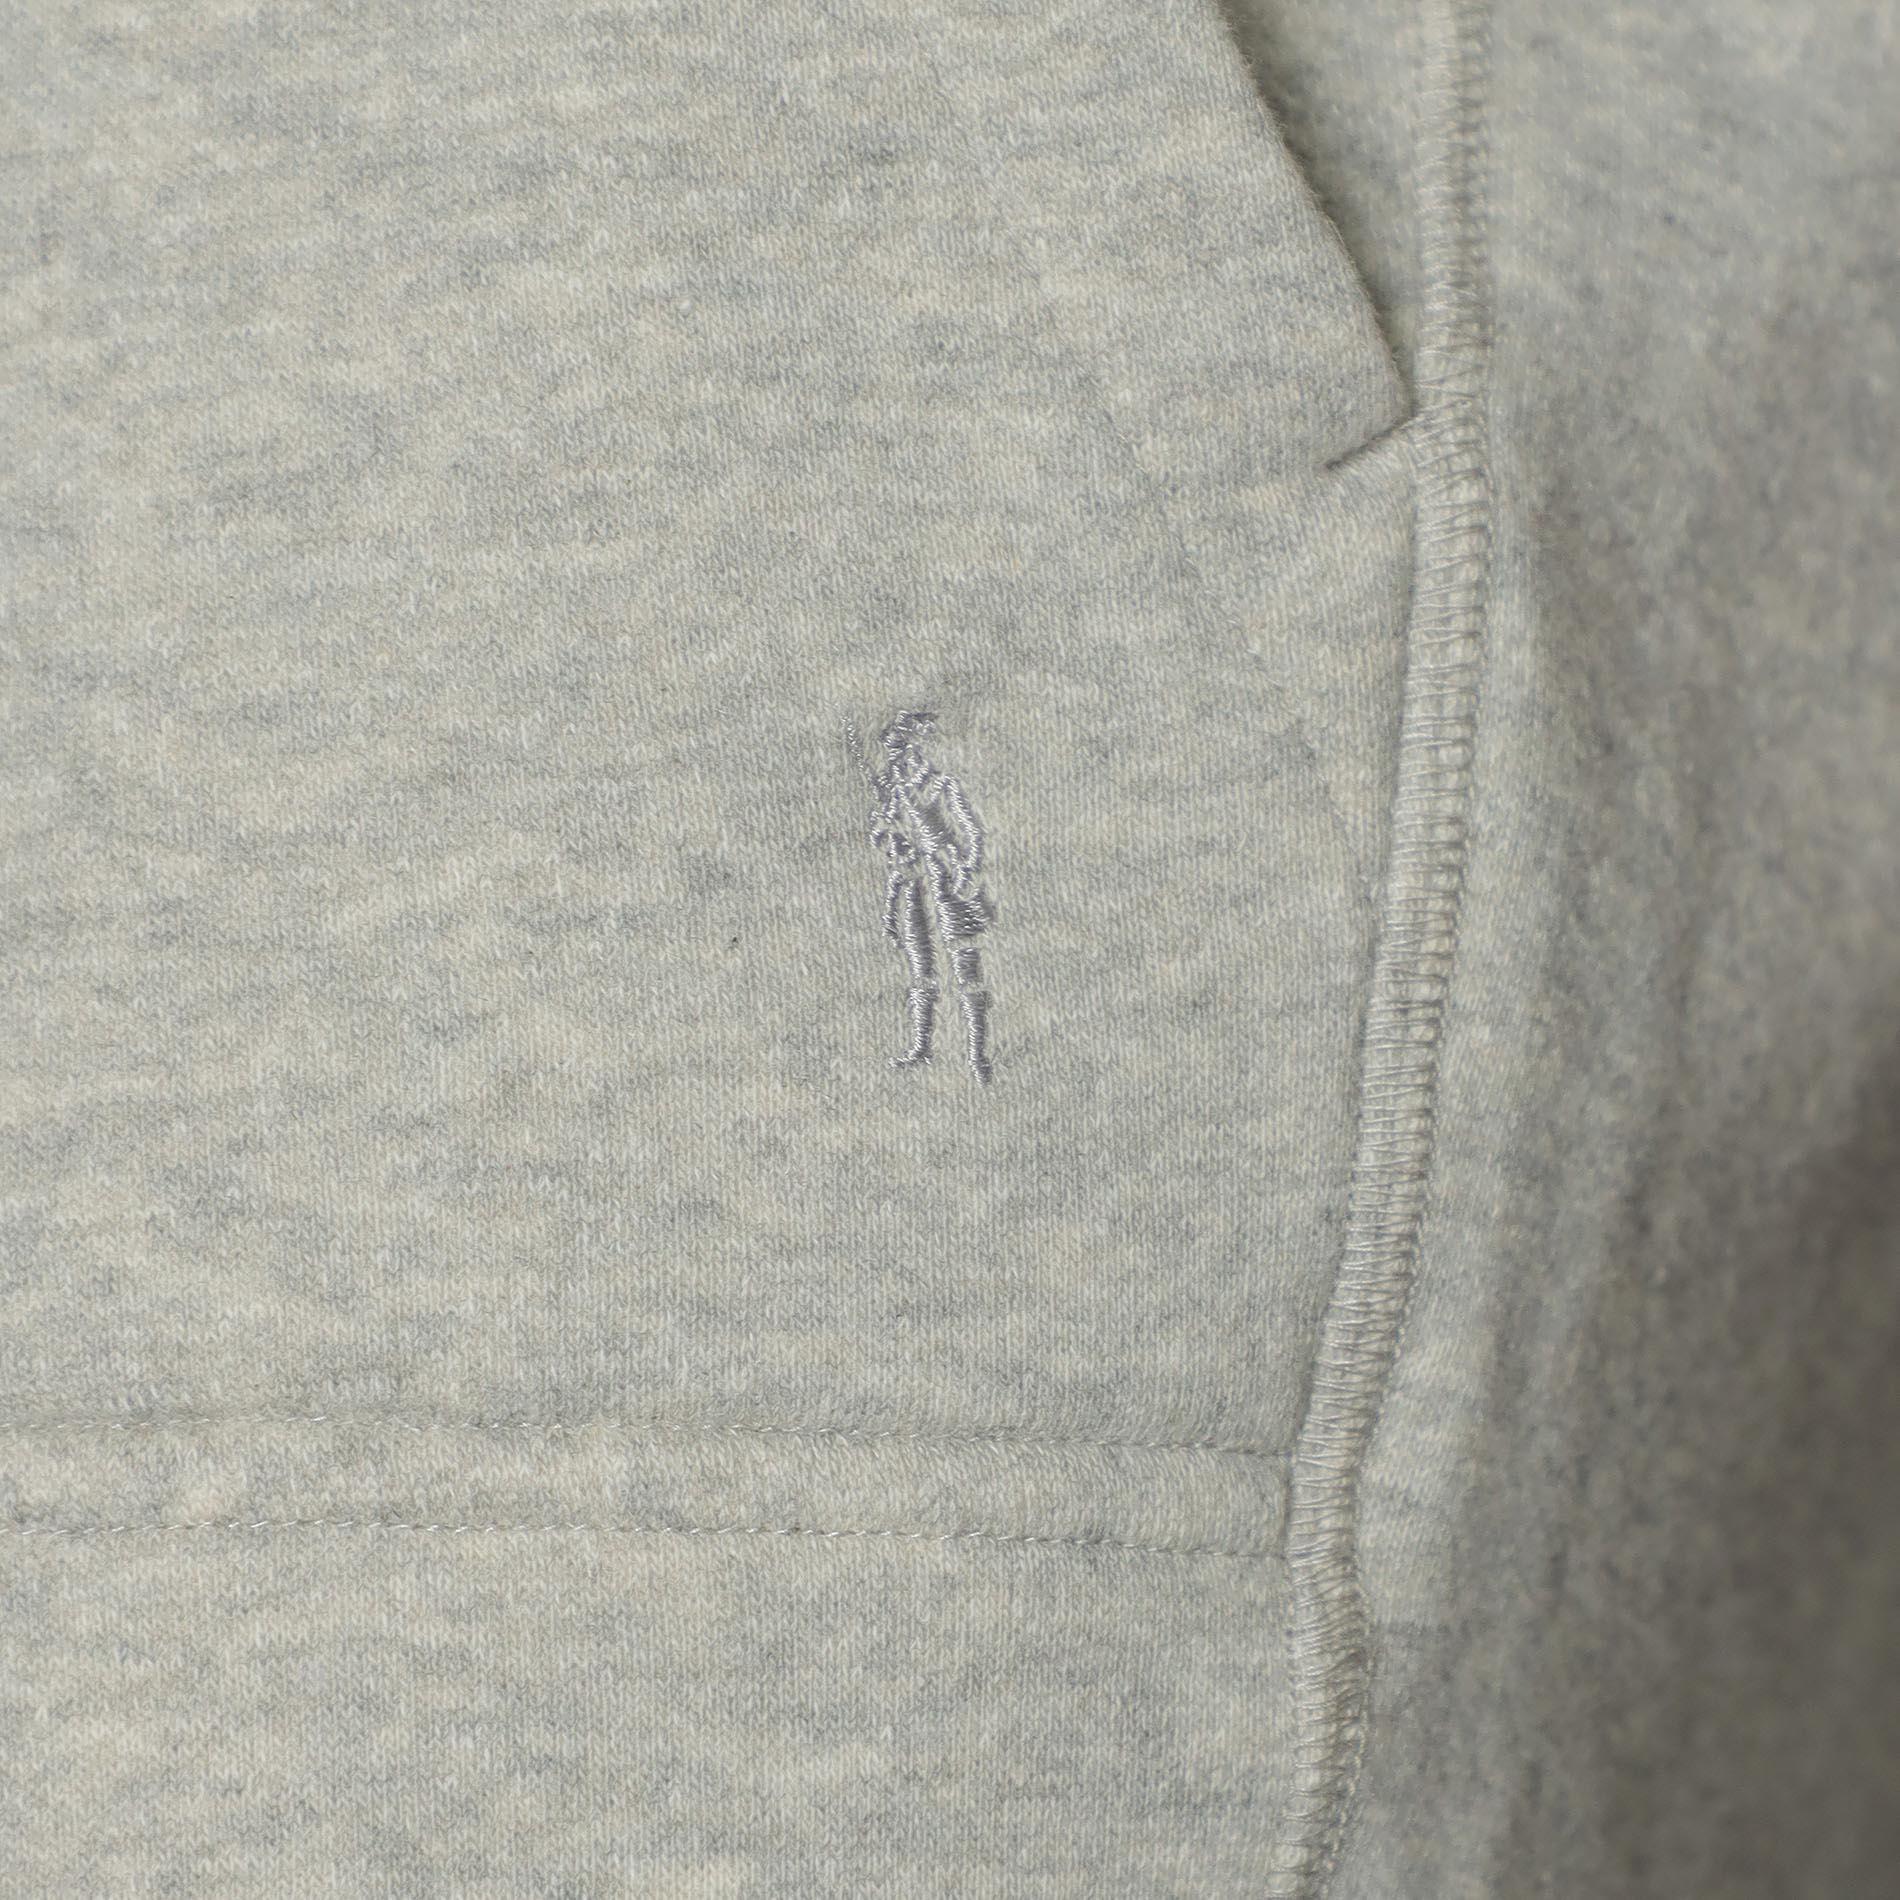 ◆◆リバーシブル吊り裏毛ショートパンツ